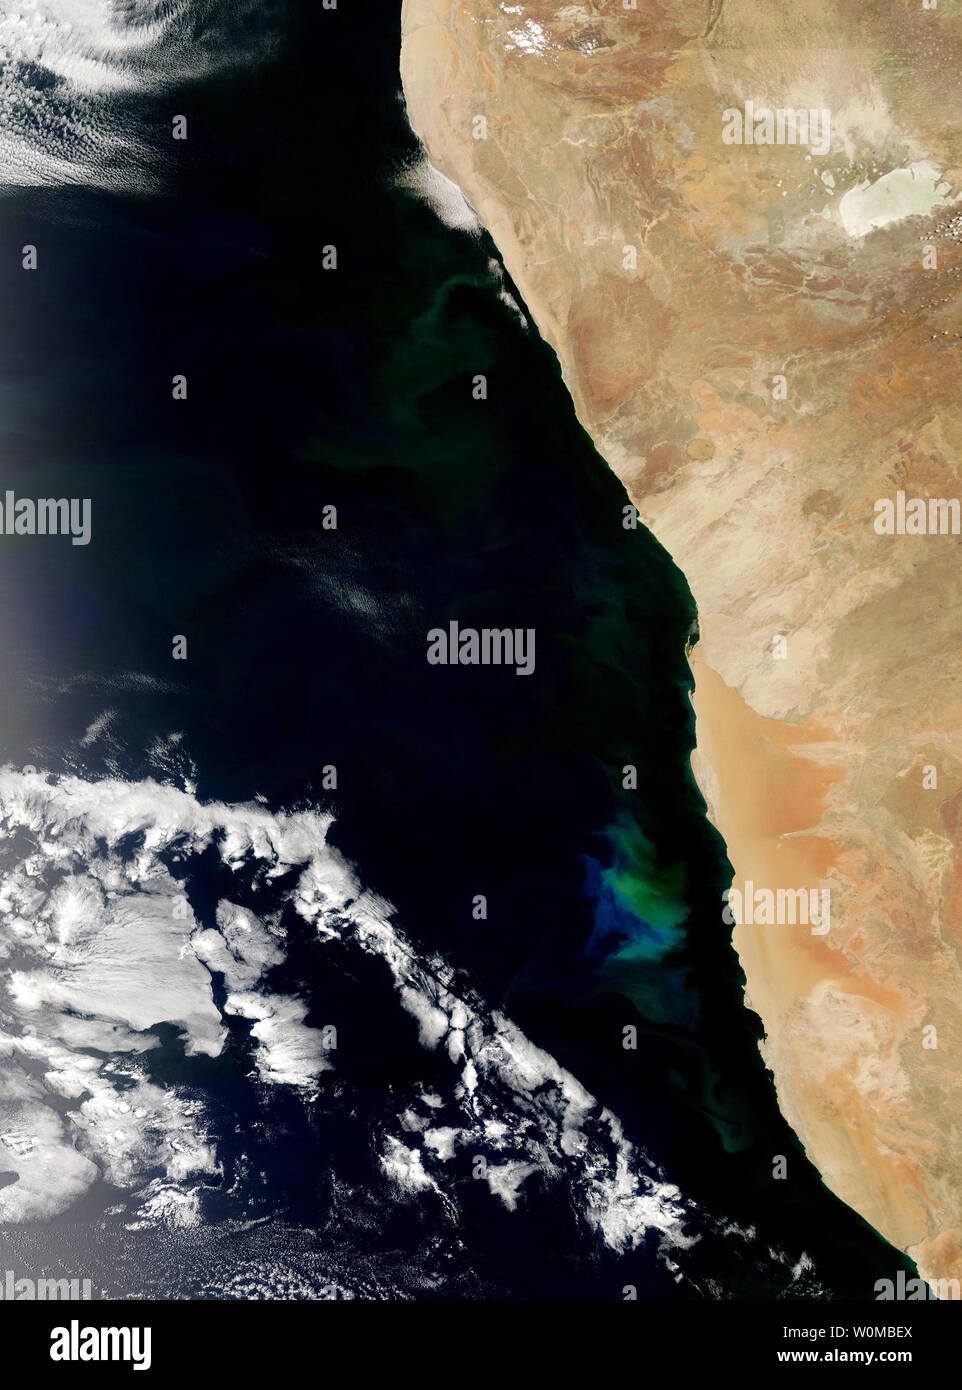 Feu vert et bleu les eaux au large de la Namibie au début de novembre 2007 comme une prolifération du phytoplancton a grandi et a disparu dans l'océan Atlantique. La floraison s'étend du nord au sud le long des centaines de kilomètres, même si elle est plus lumineuse dans le centre de cette image. Ces algues sont communes dans les eaux côtières au large du sud-ouest de l'Afrique où le froid, les courants riches en éléments nutritifs du balayage de l'Antarctique et interagir avec la plate-forme côtière. (Photo d'UPI/NASA) Banque D'Images